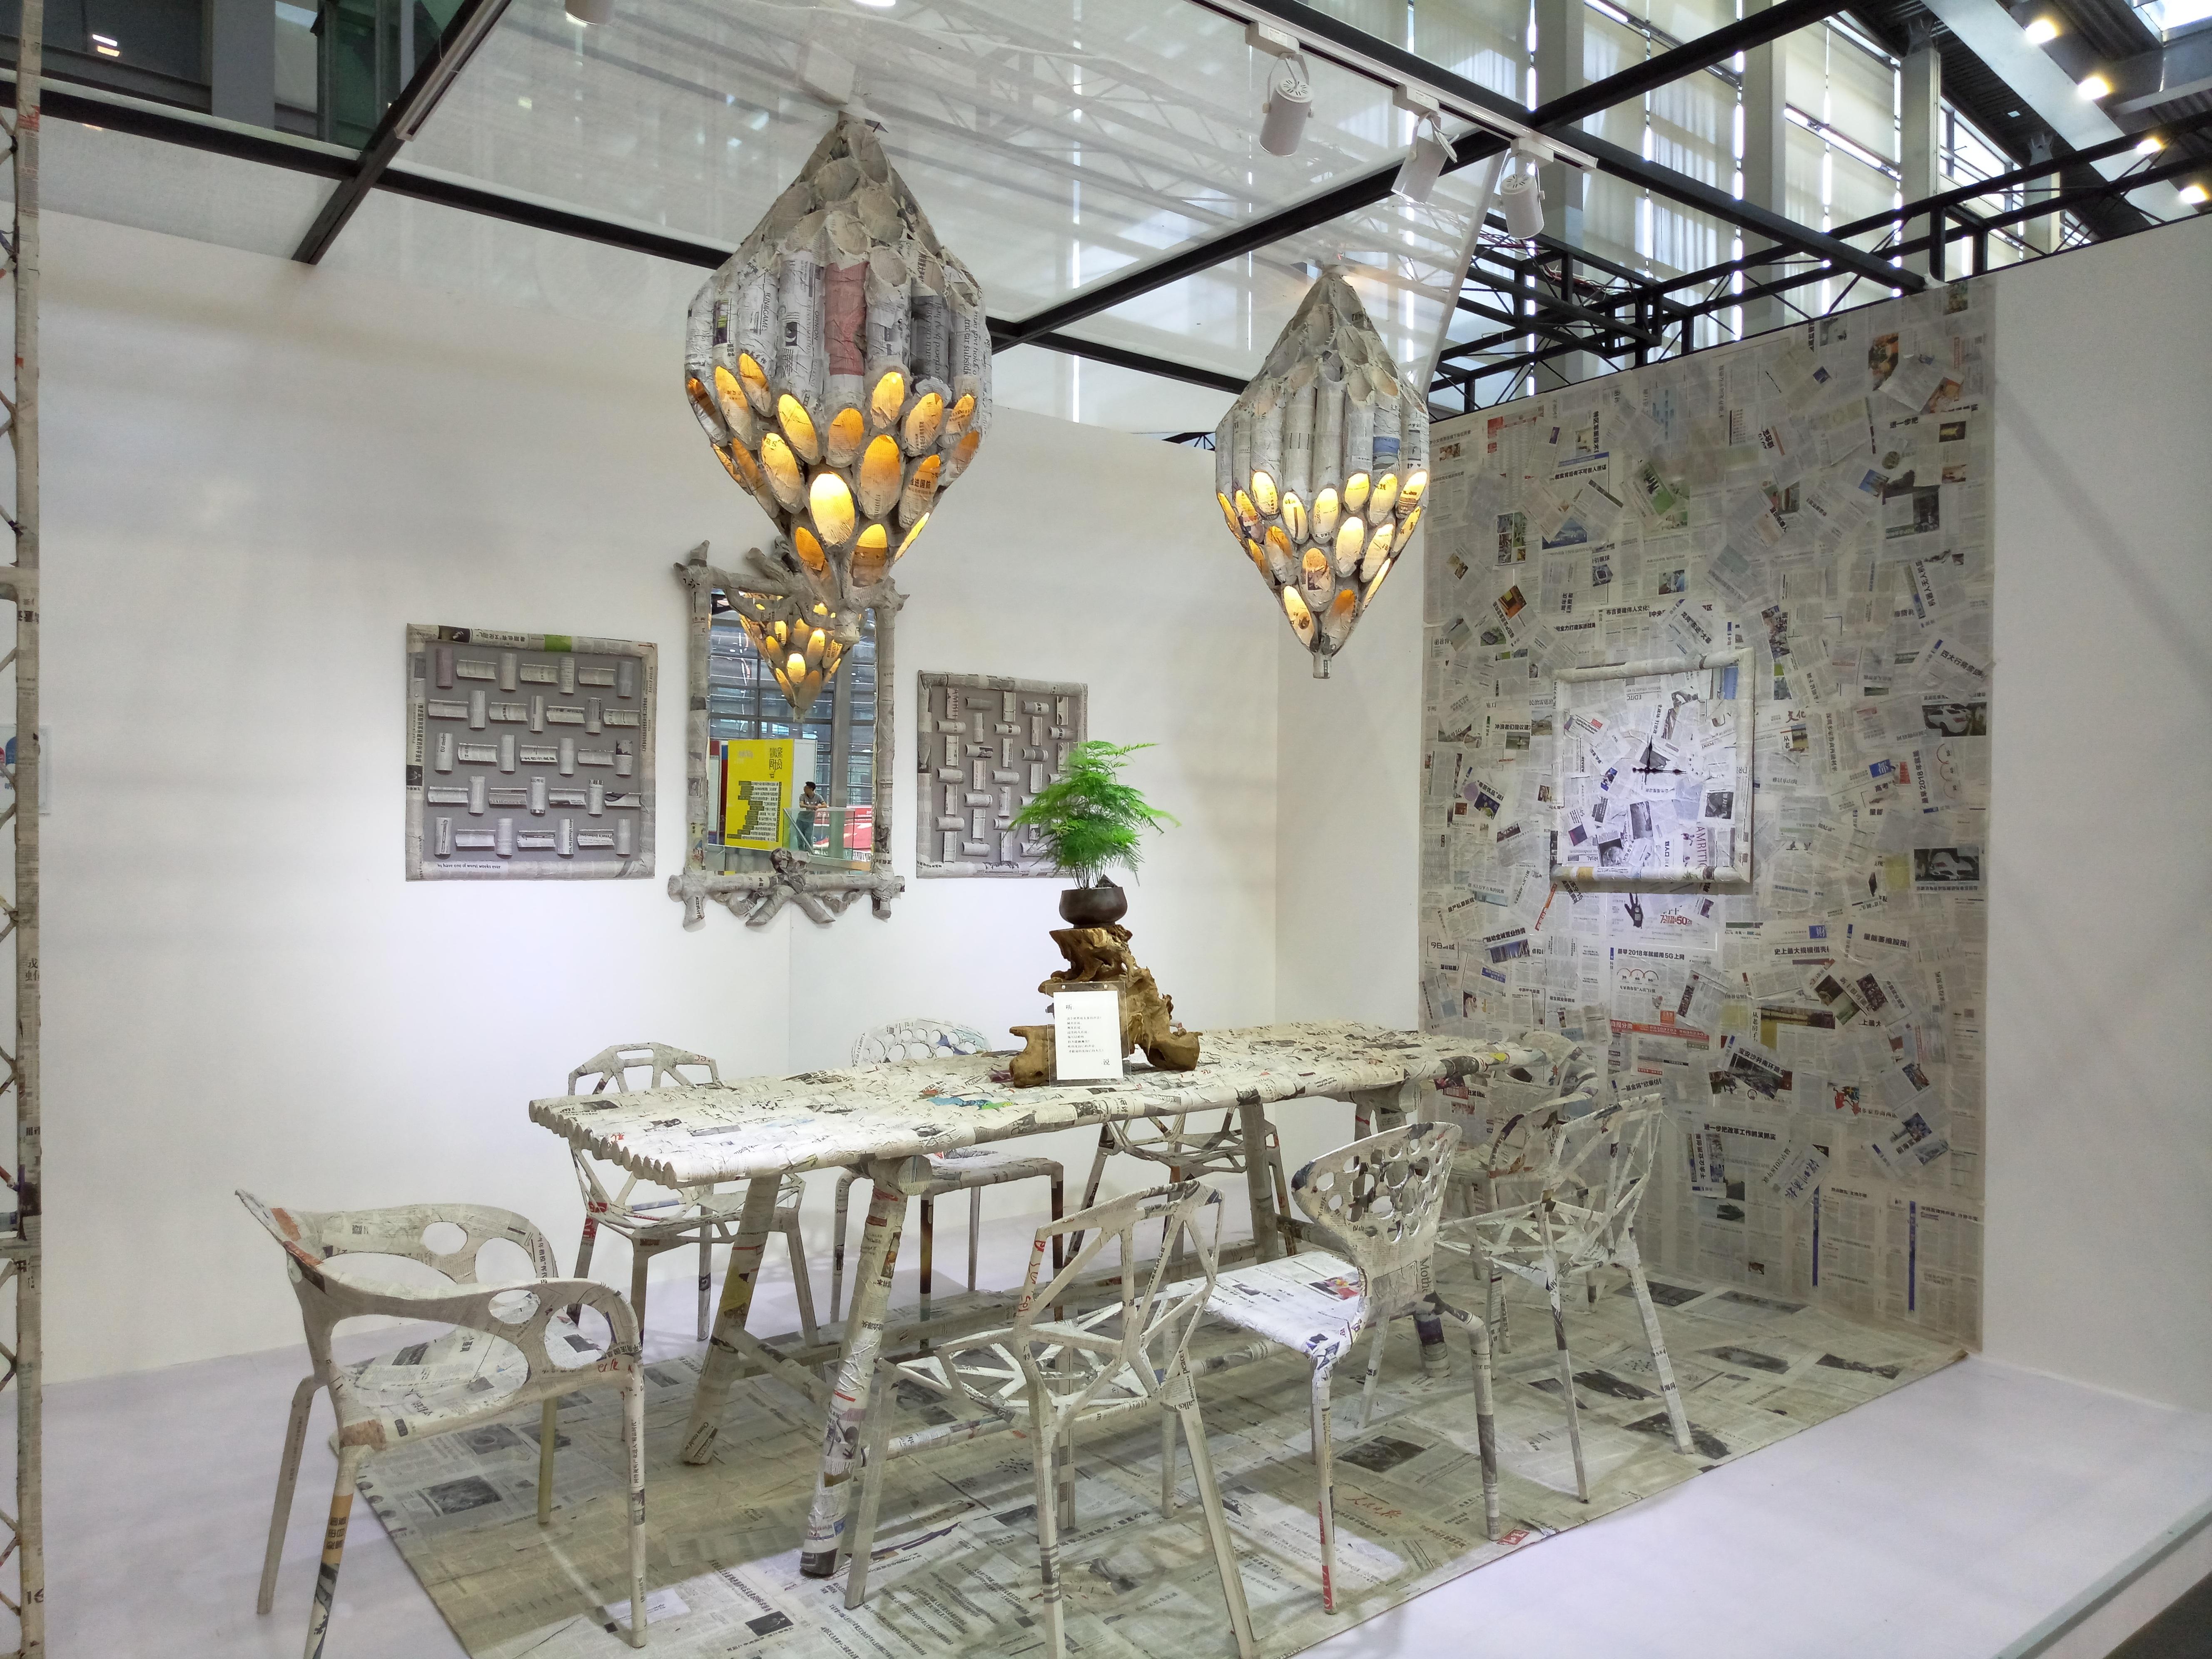 Berømte Bildet : restaurant, hjem, hytte, eiendom, rom, interiørdesign  DQ-96